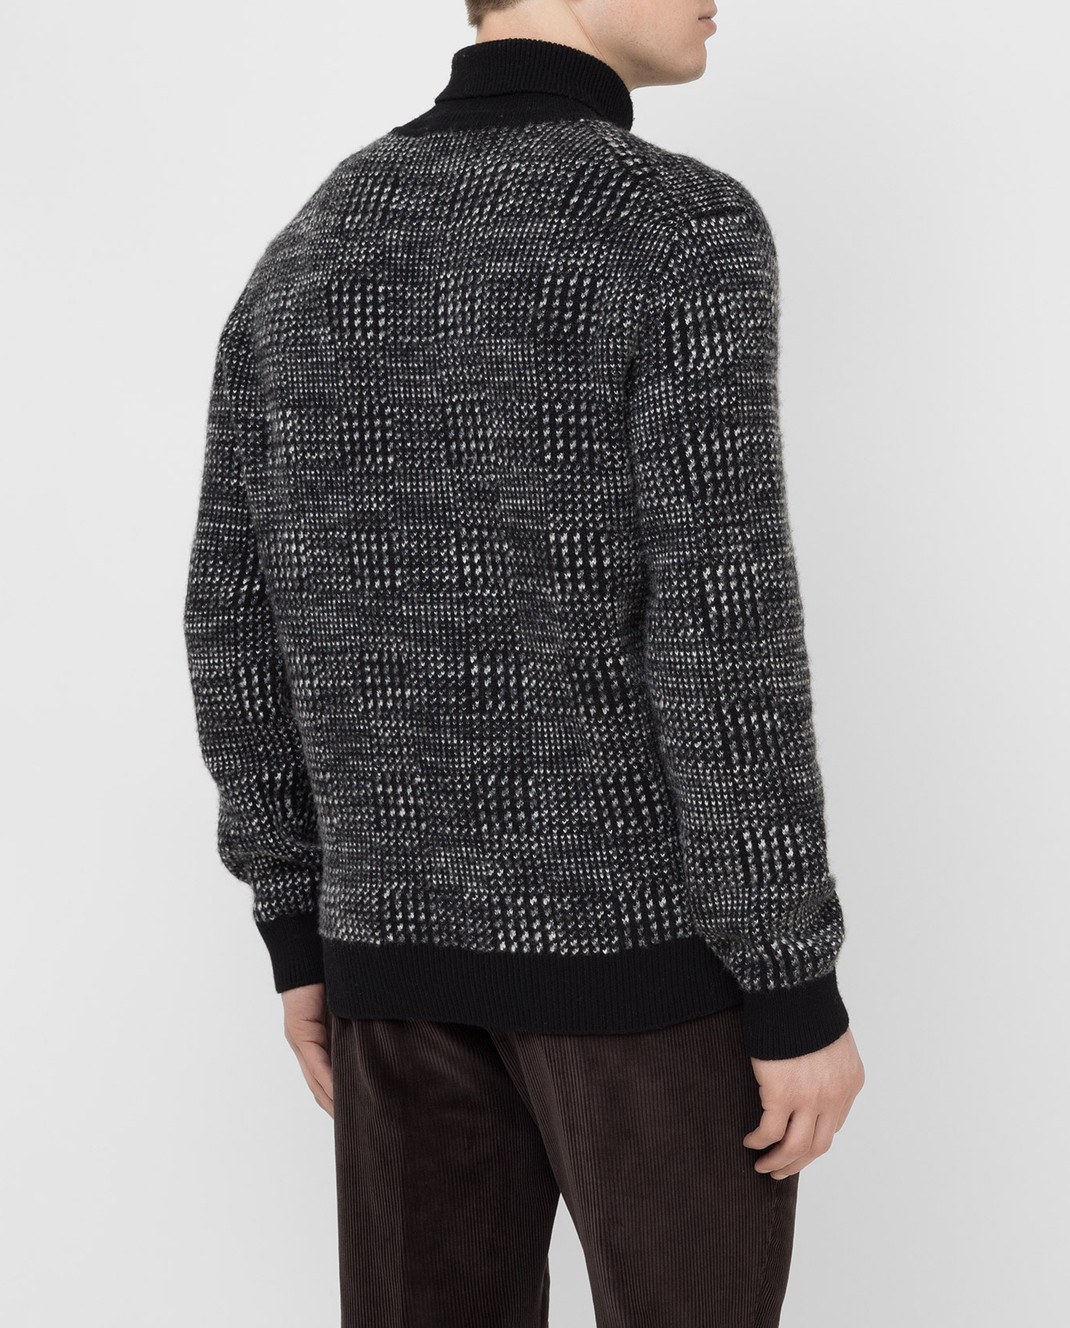 Ermenegildo Zegna Черный свитер из кашемира и шелка URH85120 изображение 4